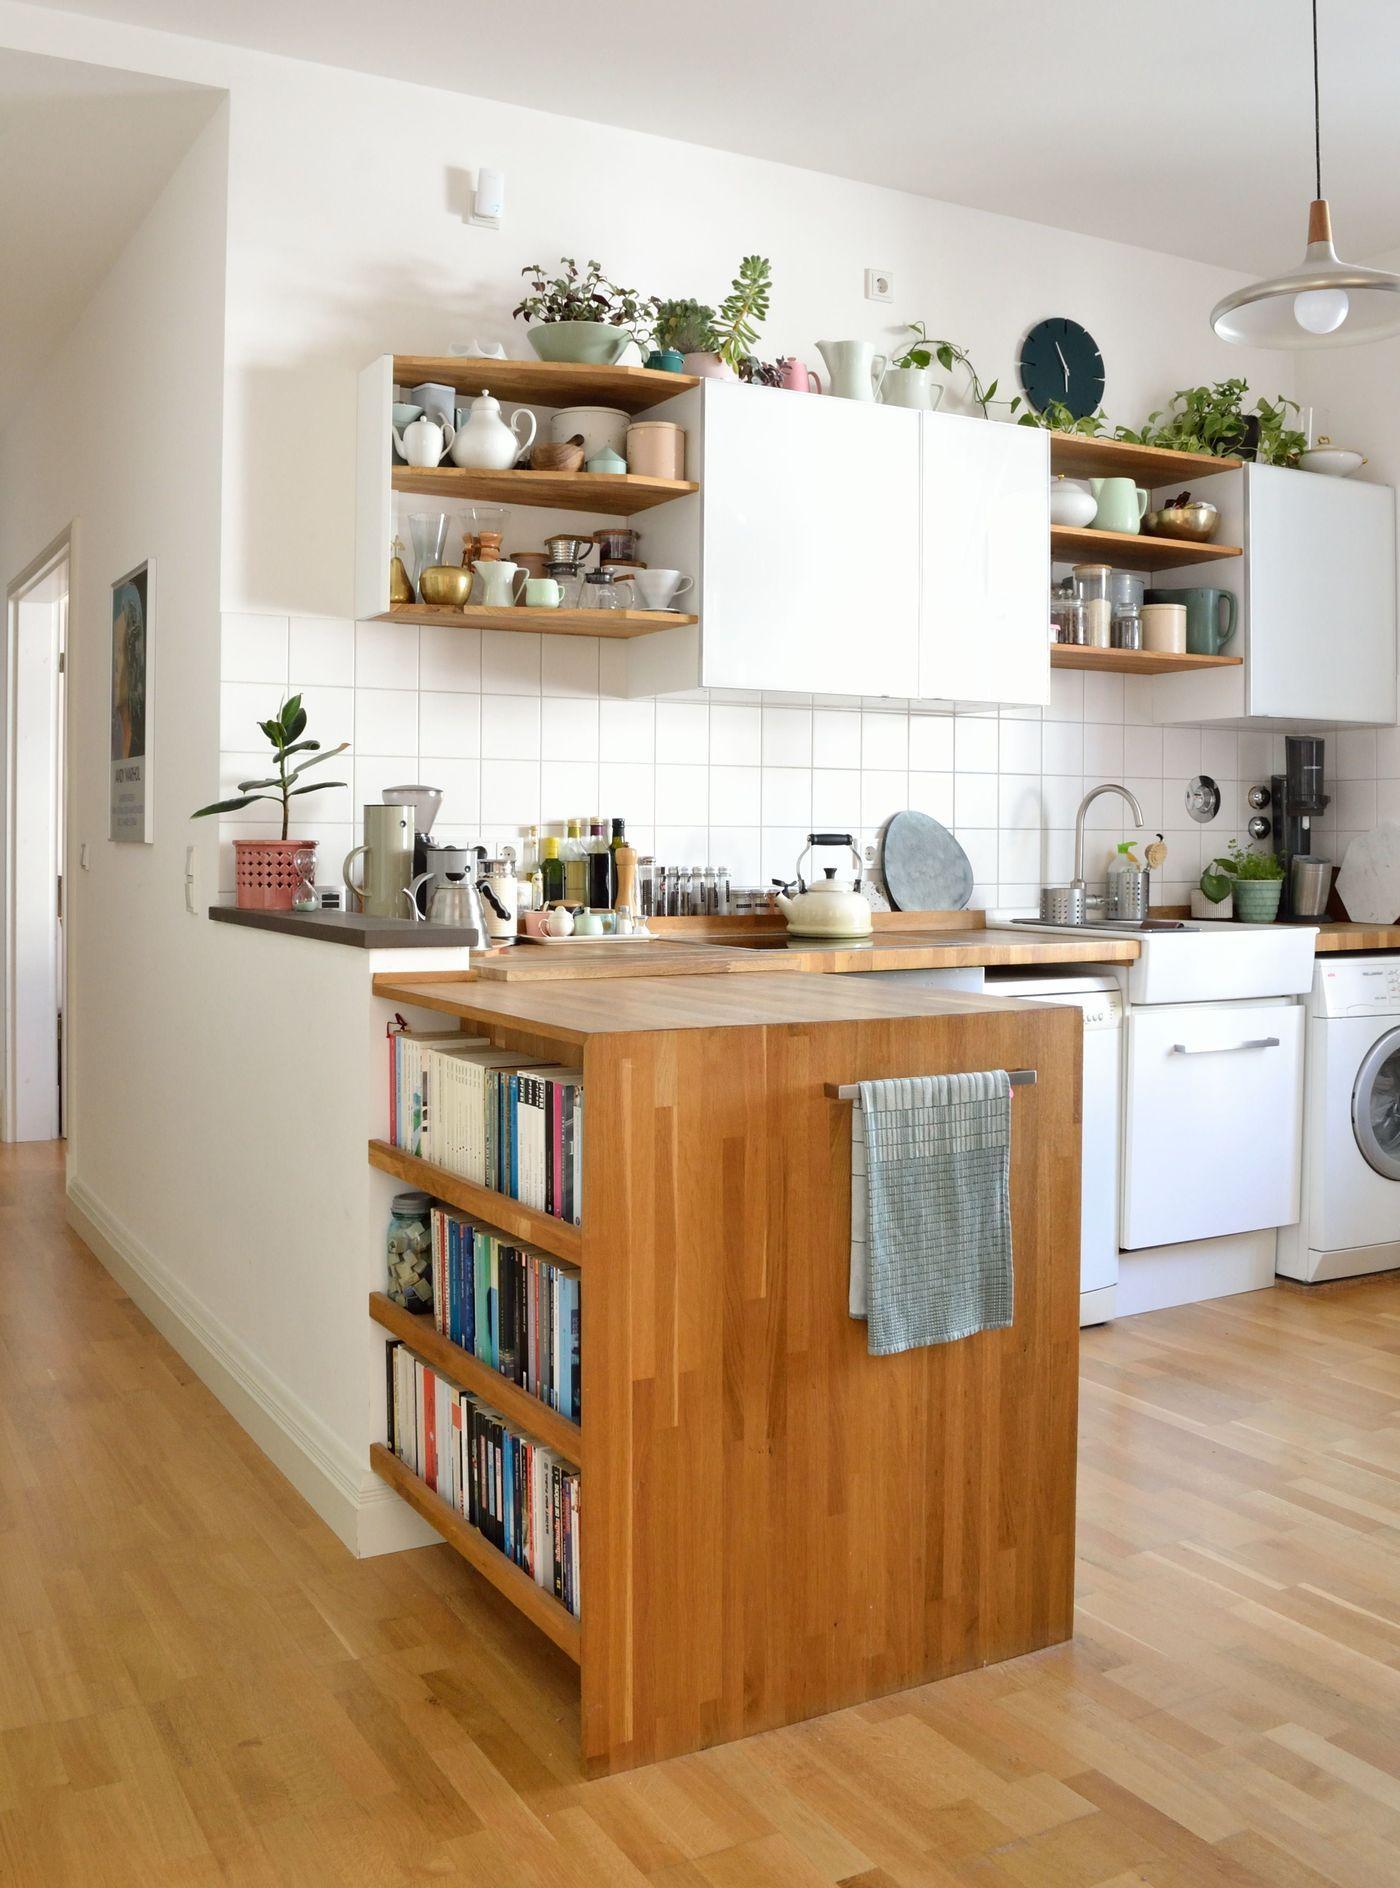 Groß Rabatt Küchen Sydney Bilder - Ideen Für Die Küche Dekoration ...